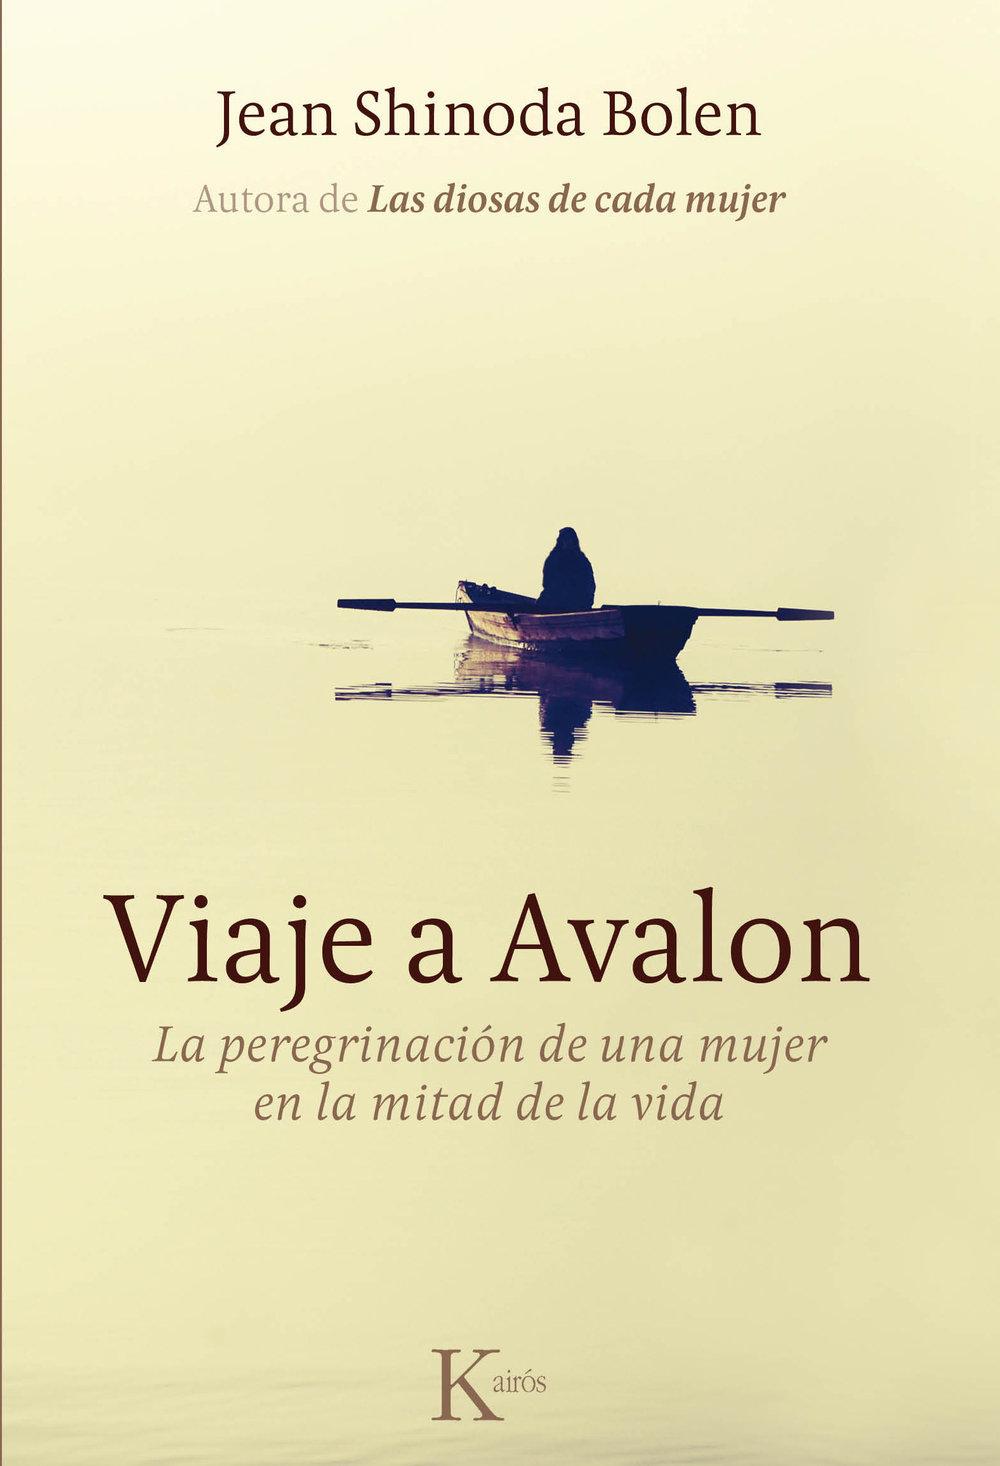 Viaje a Avalon.jpg